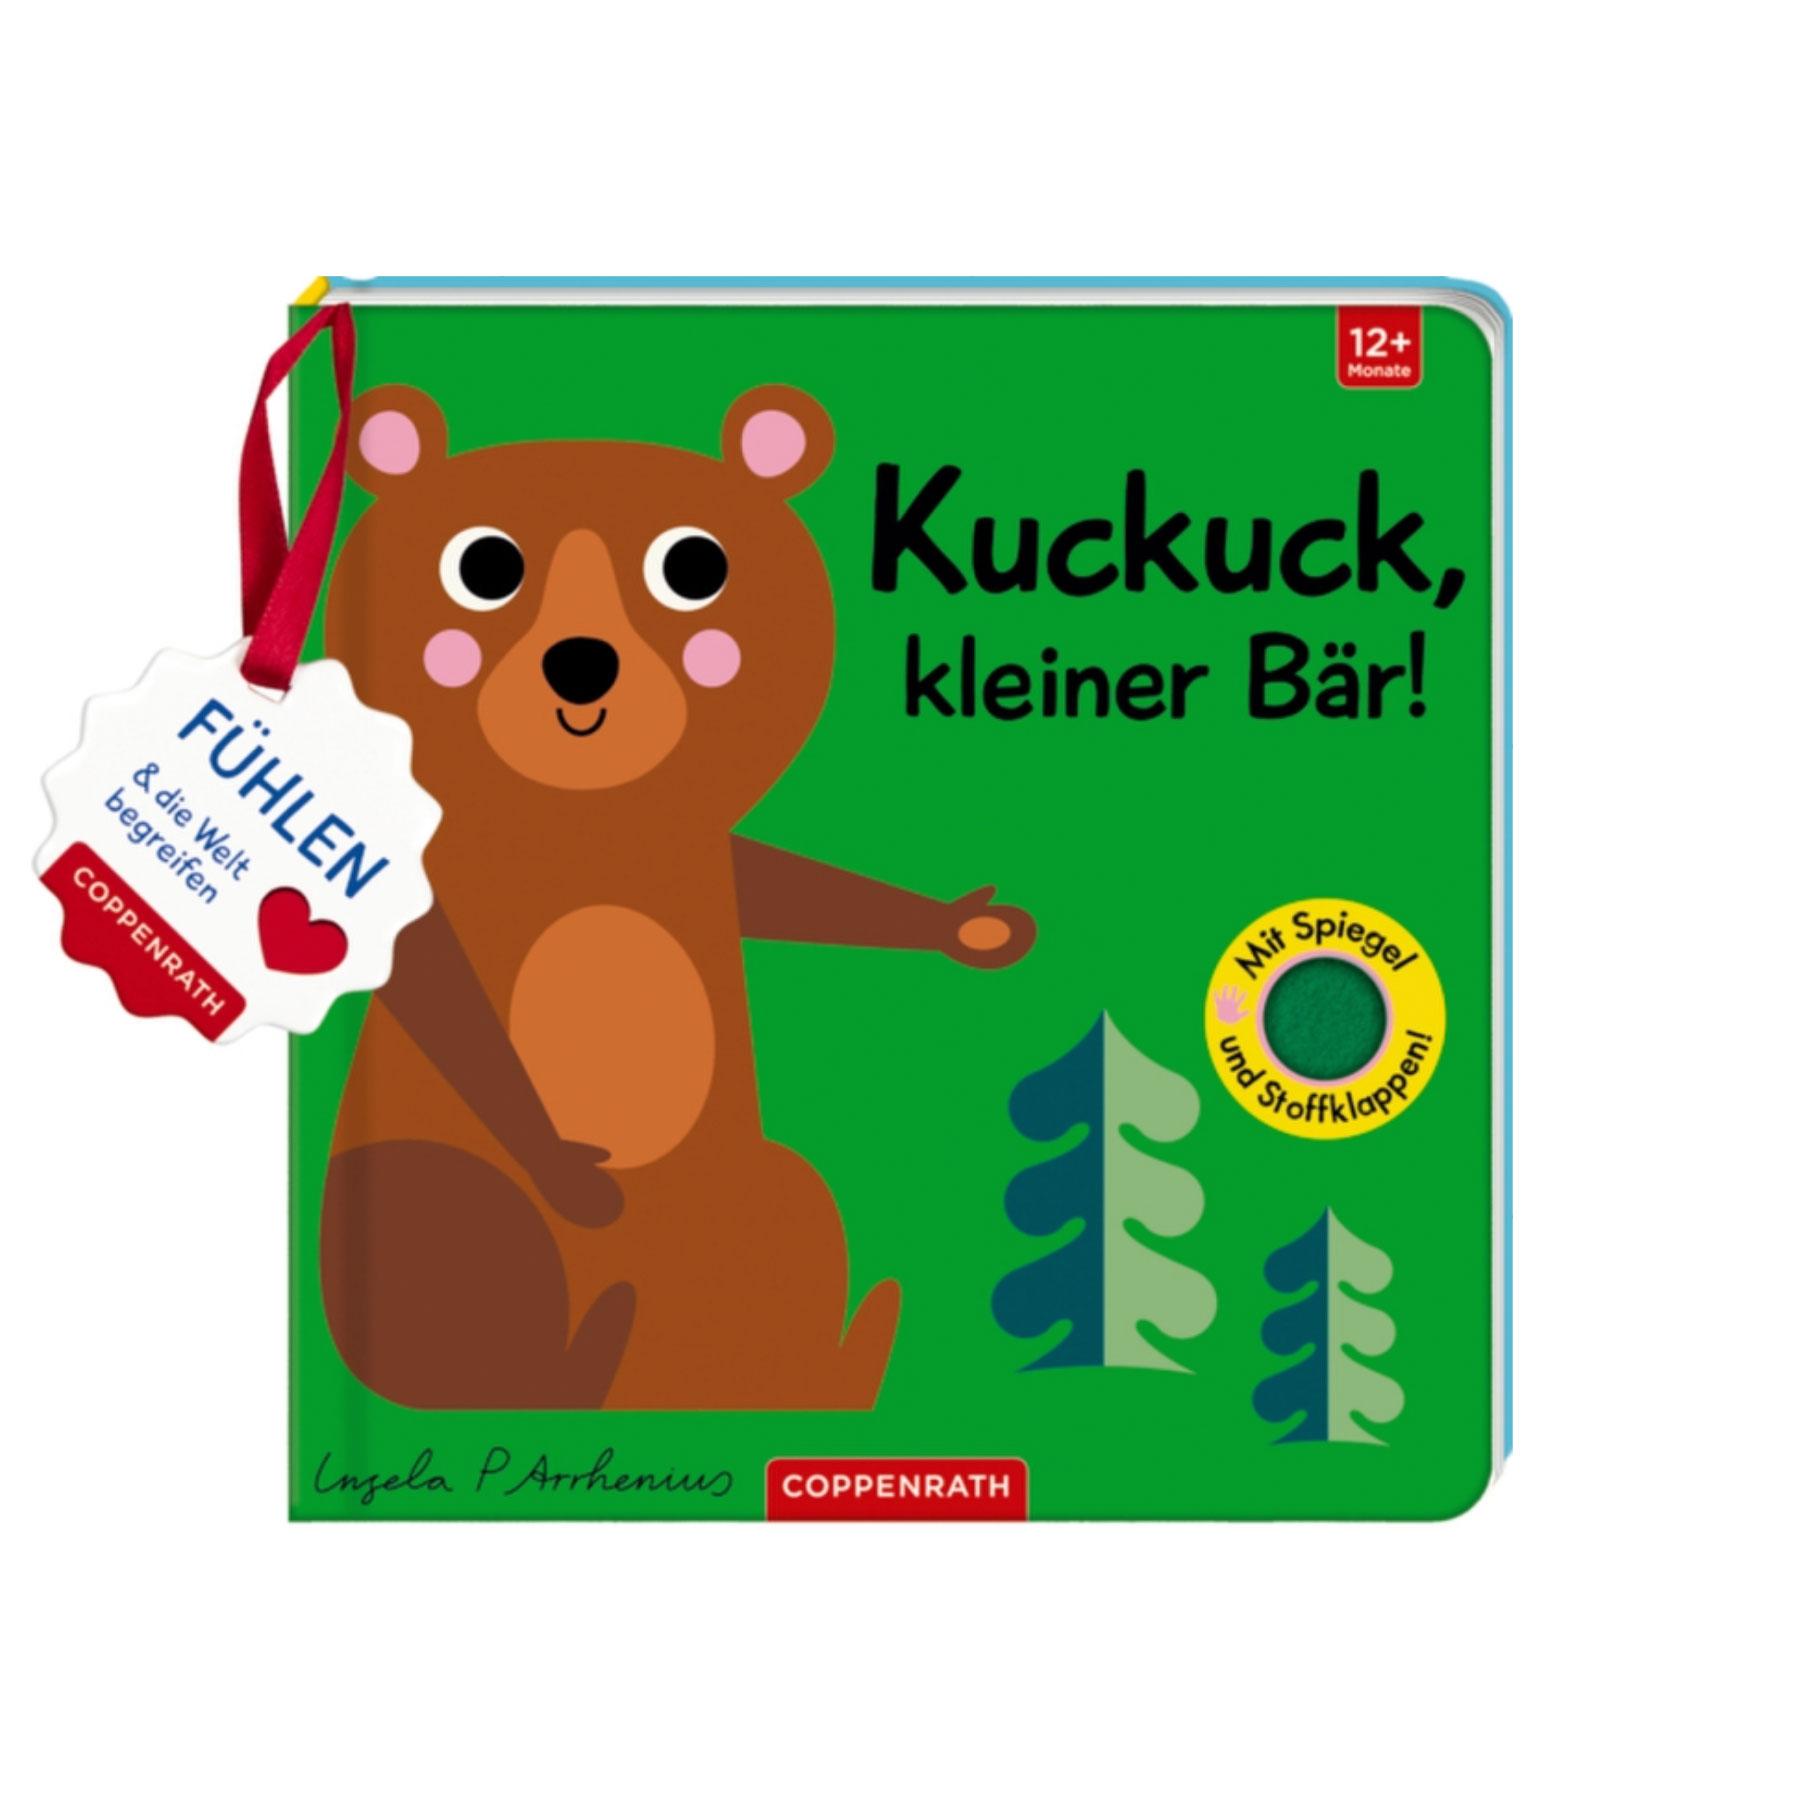 Kuckuck, kleiner Bär! ab 1J.